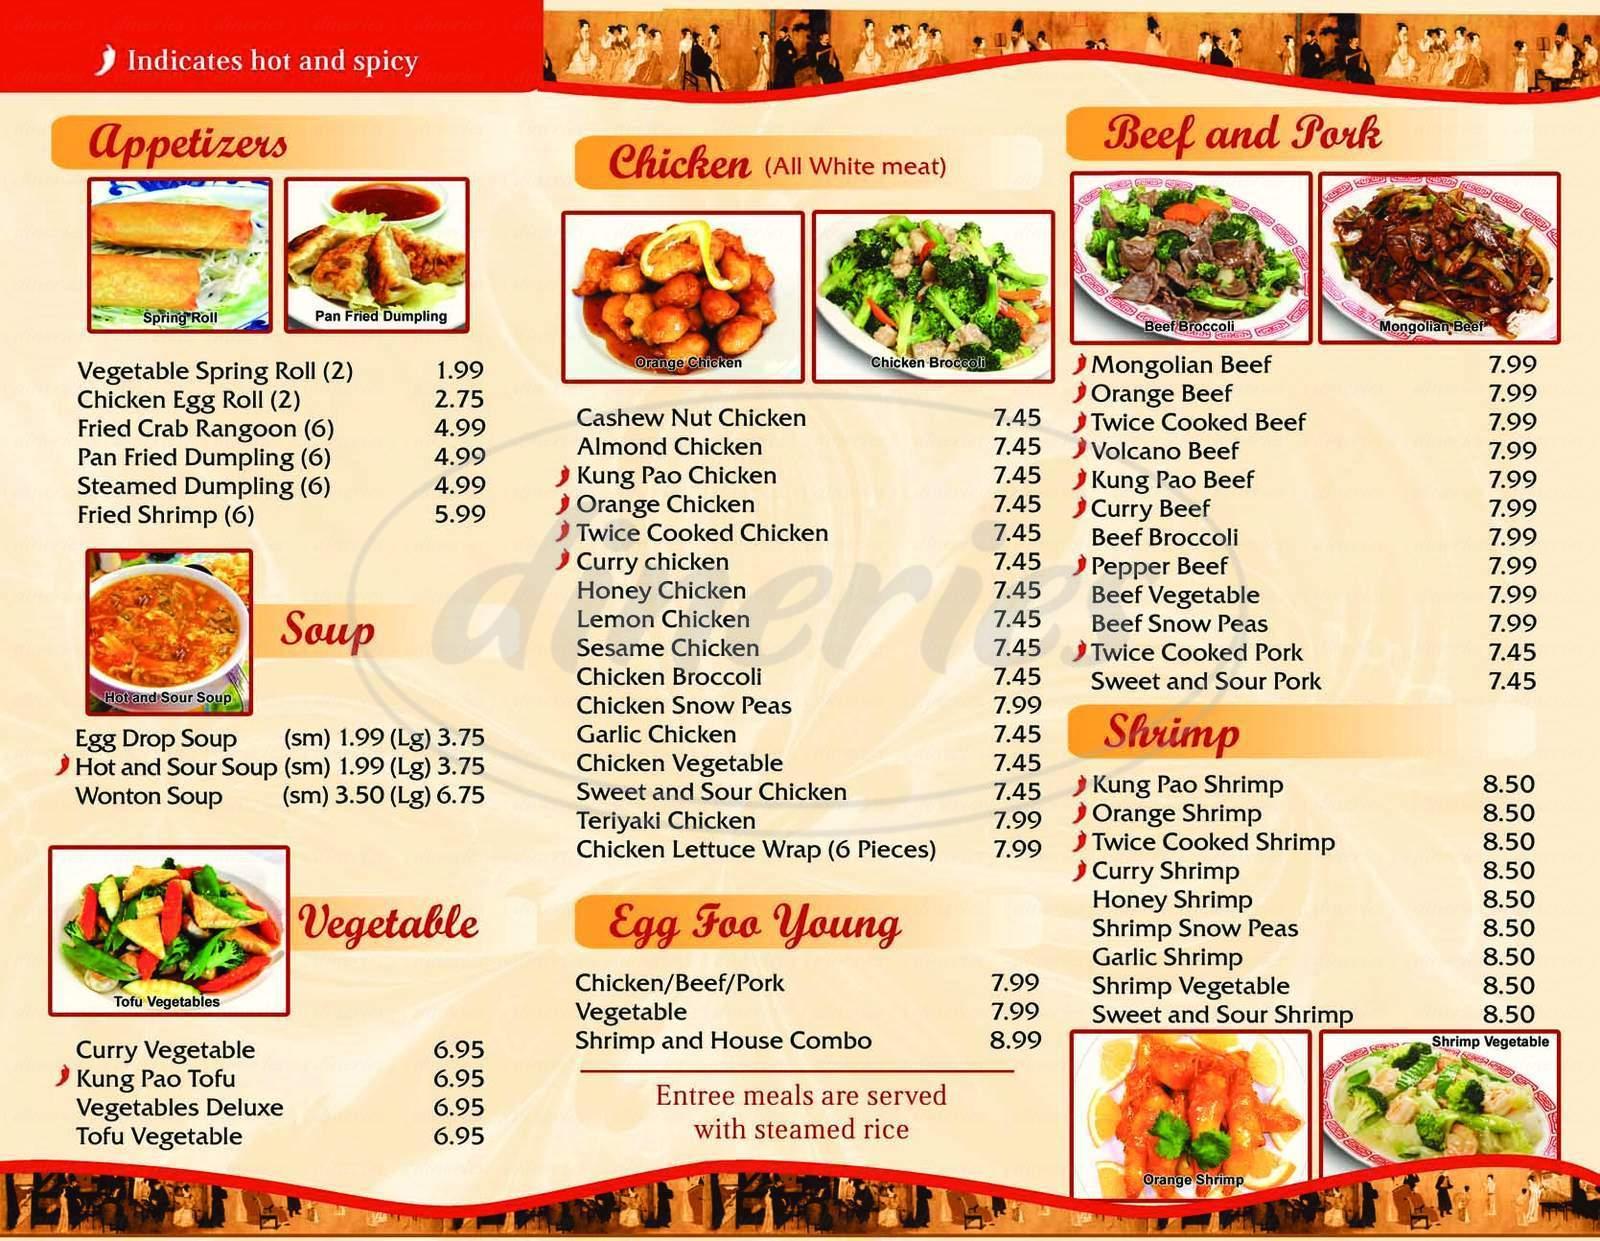 menu for Yan's Chinese Food #2